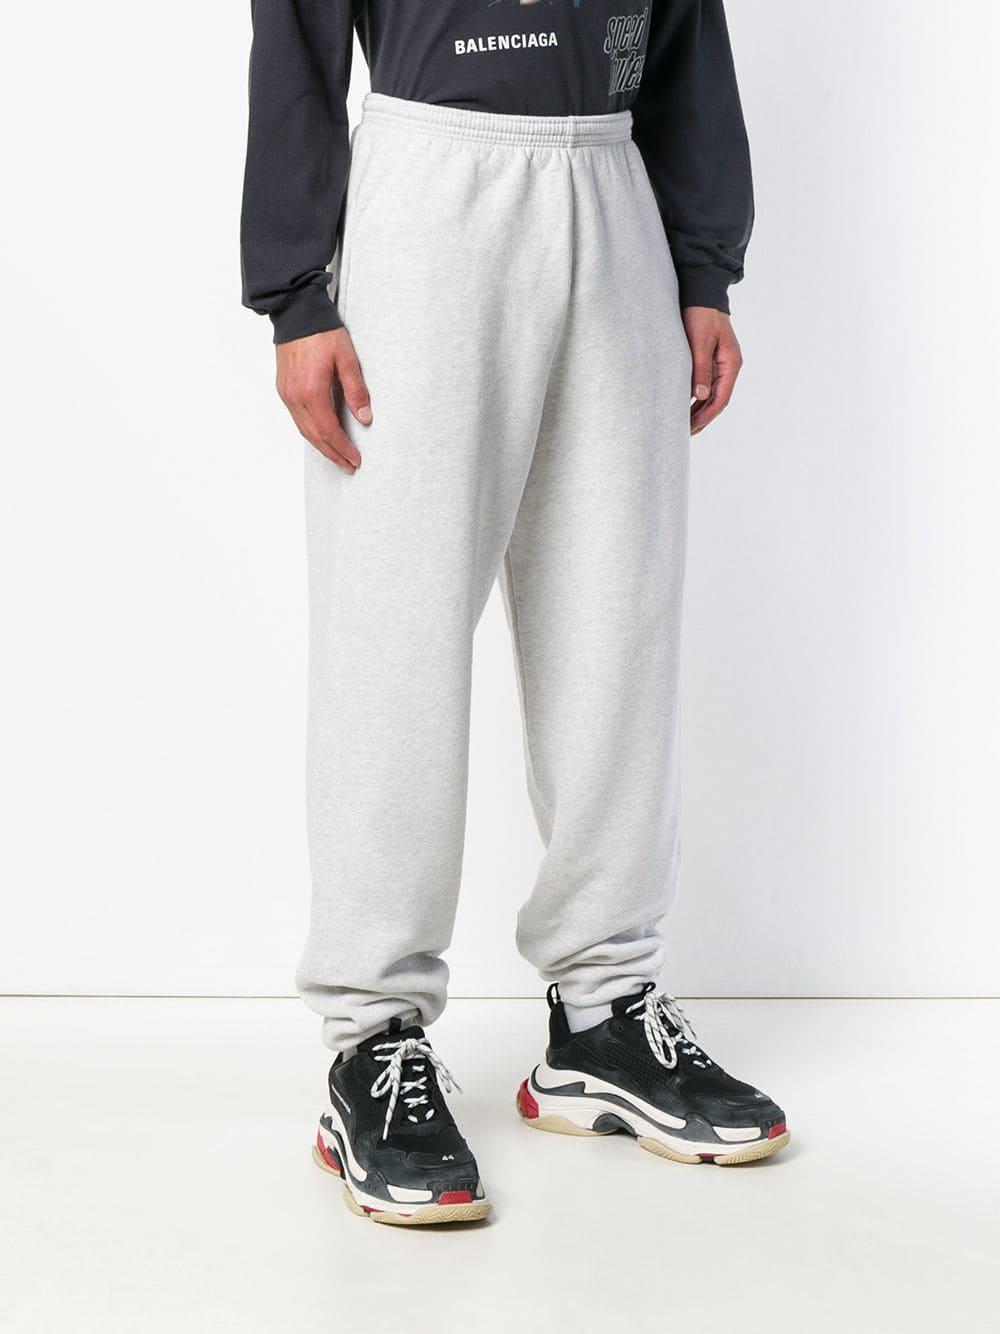 8a4e3e0d905b5 ... Pantalones de chándal con B bordada for Men - Lyst. Ver en pantalla  completa